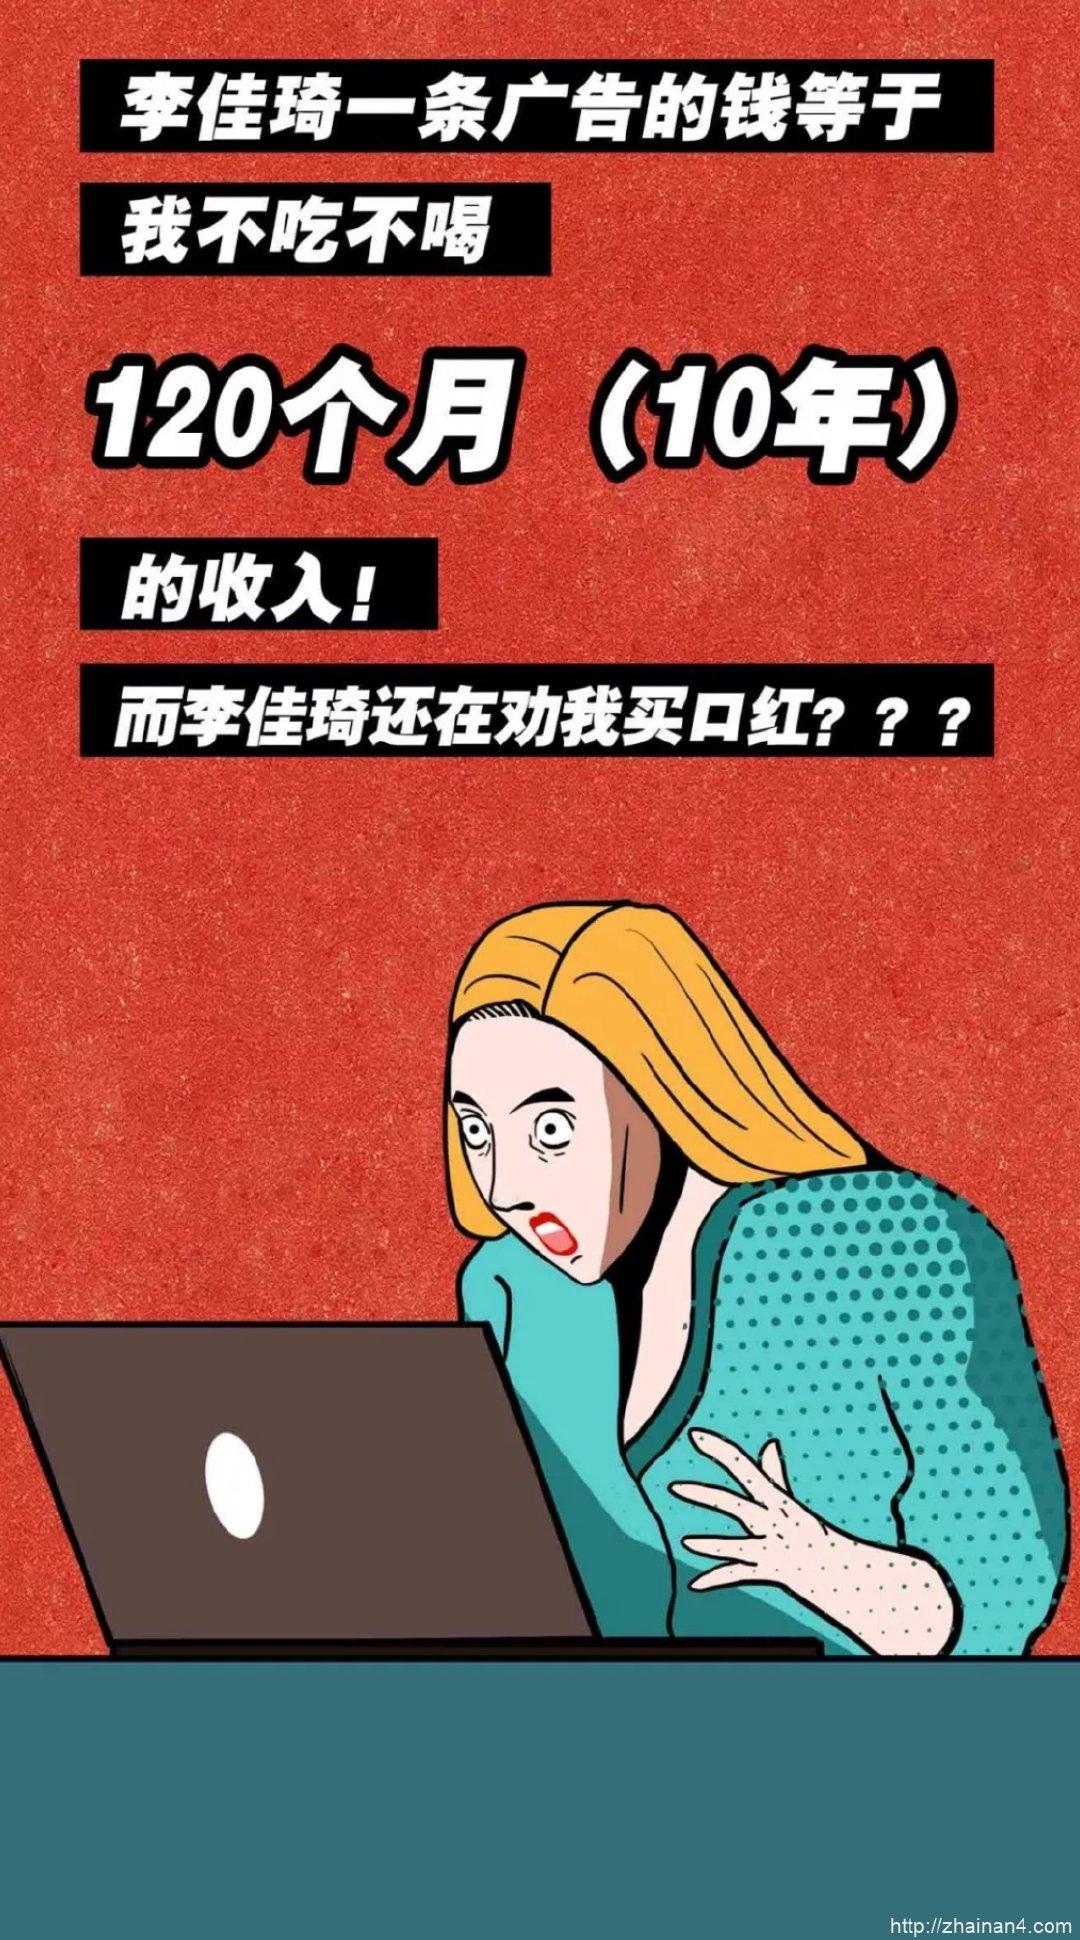 你知道公众号大神、微博大V、抖音网红们有多赚钱么? liuliushe.net六六社 第5张